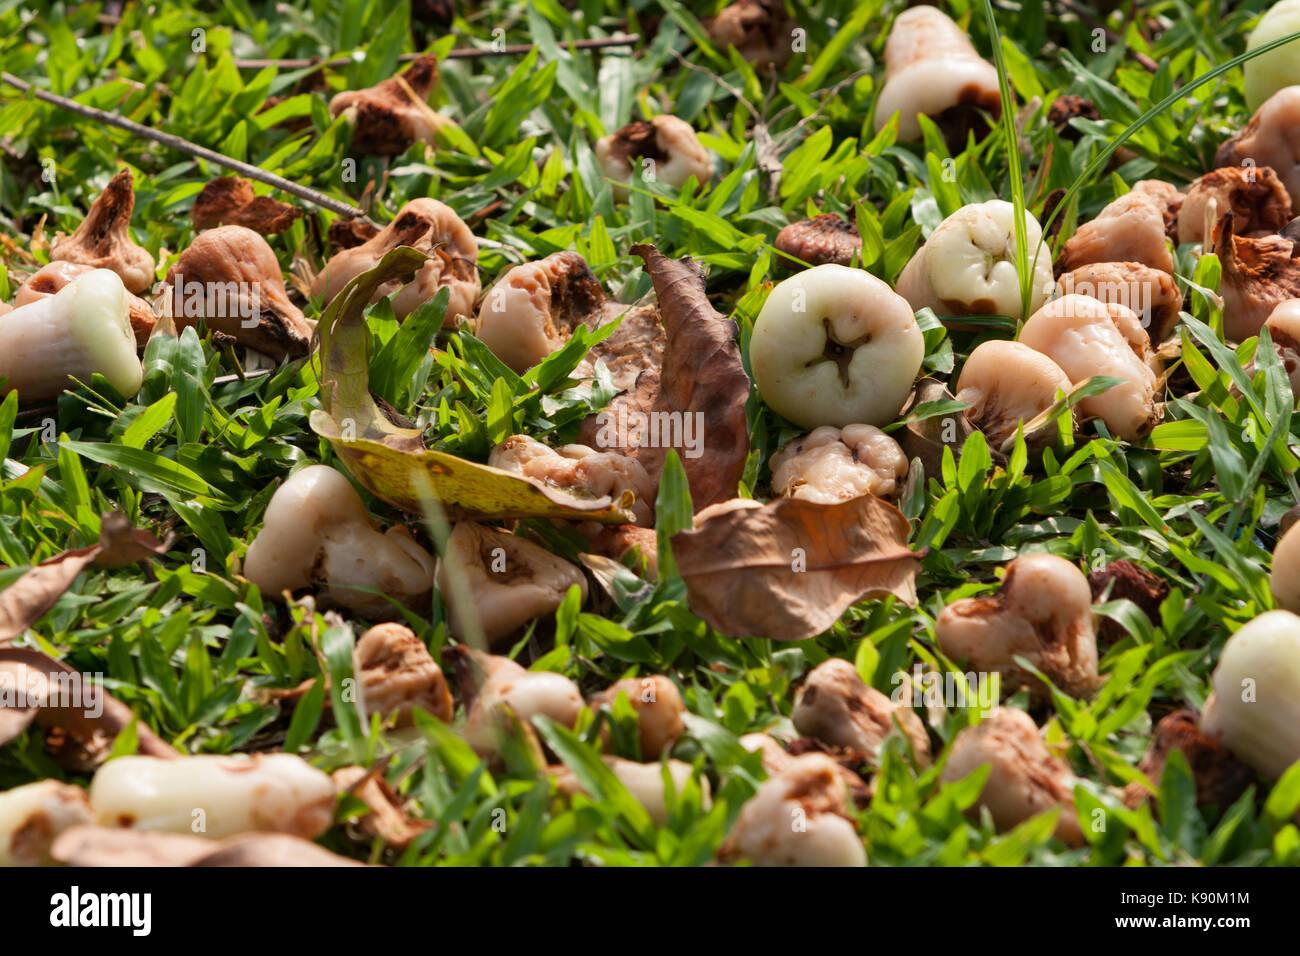 Wax Jambu Stock Photos & Wax Jambu Stock Images - Alamy